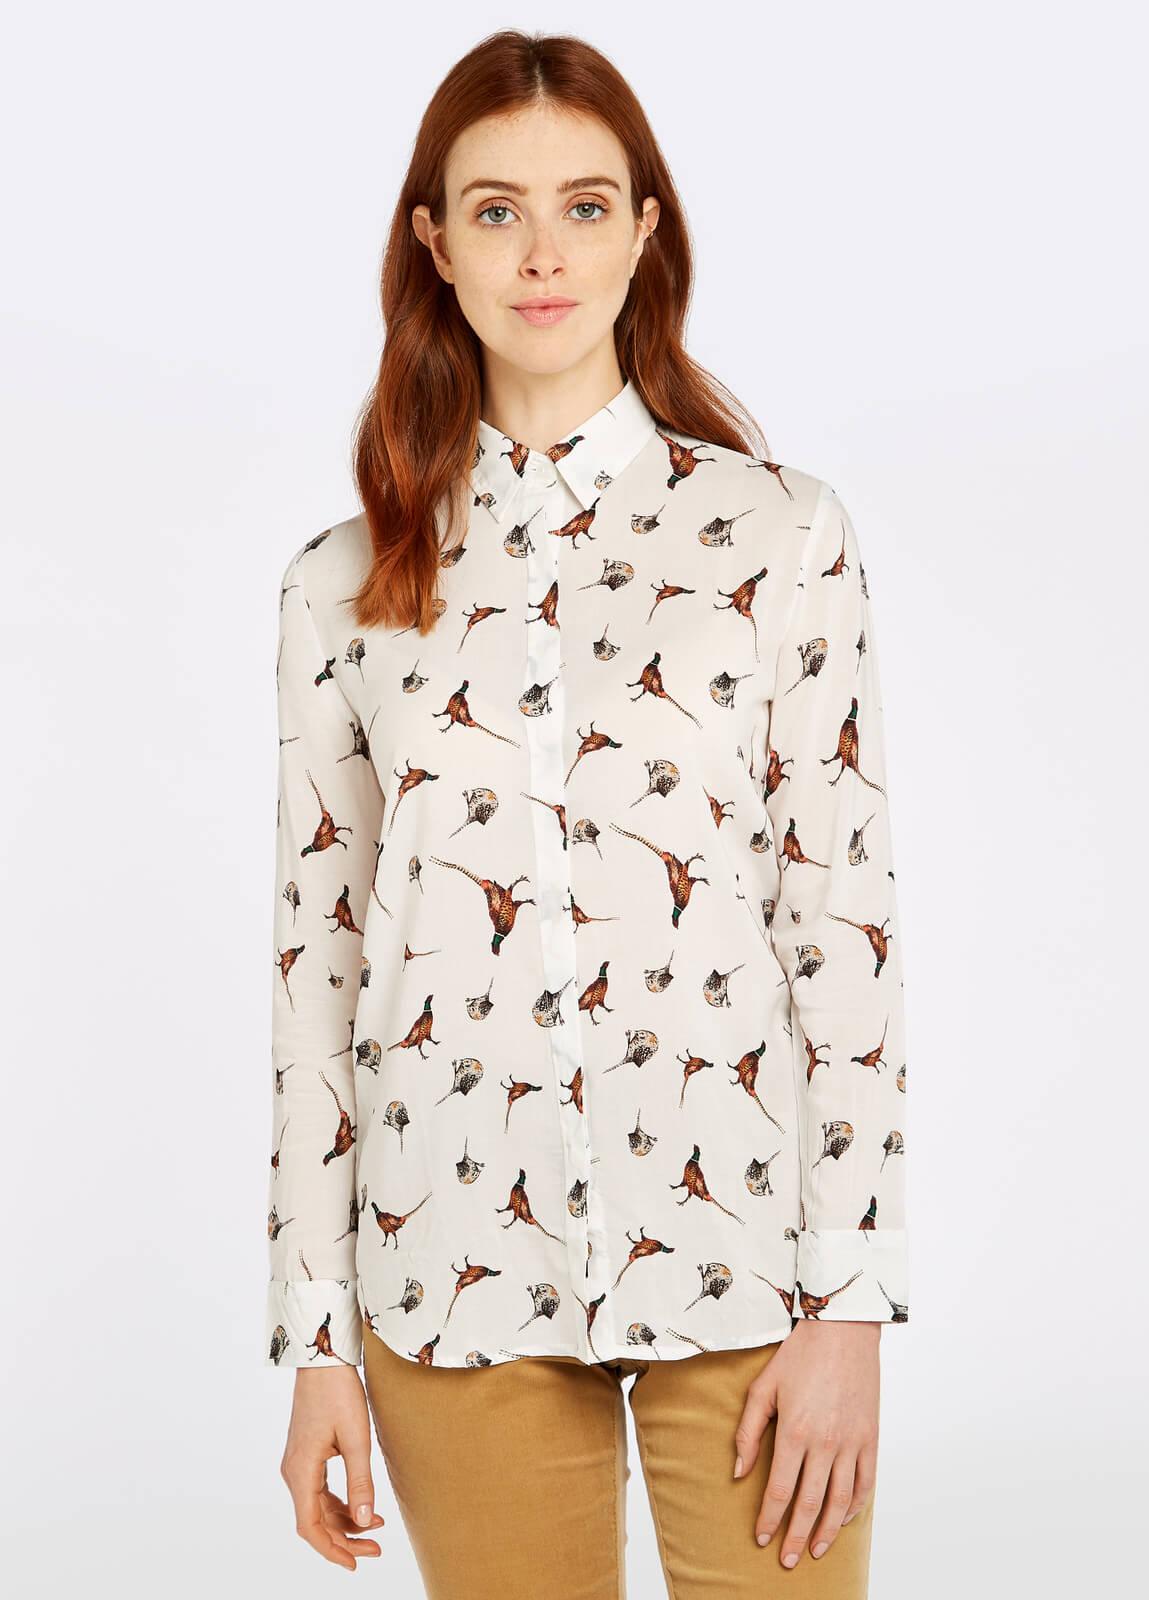 Briarrose Shirt - Cream